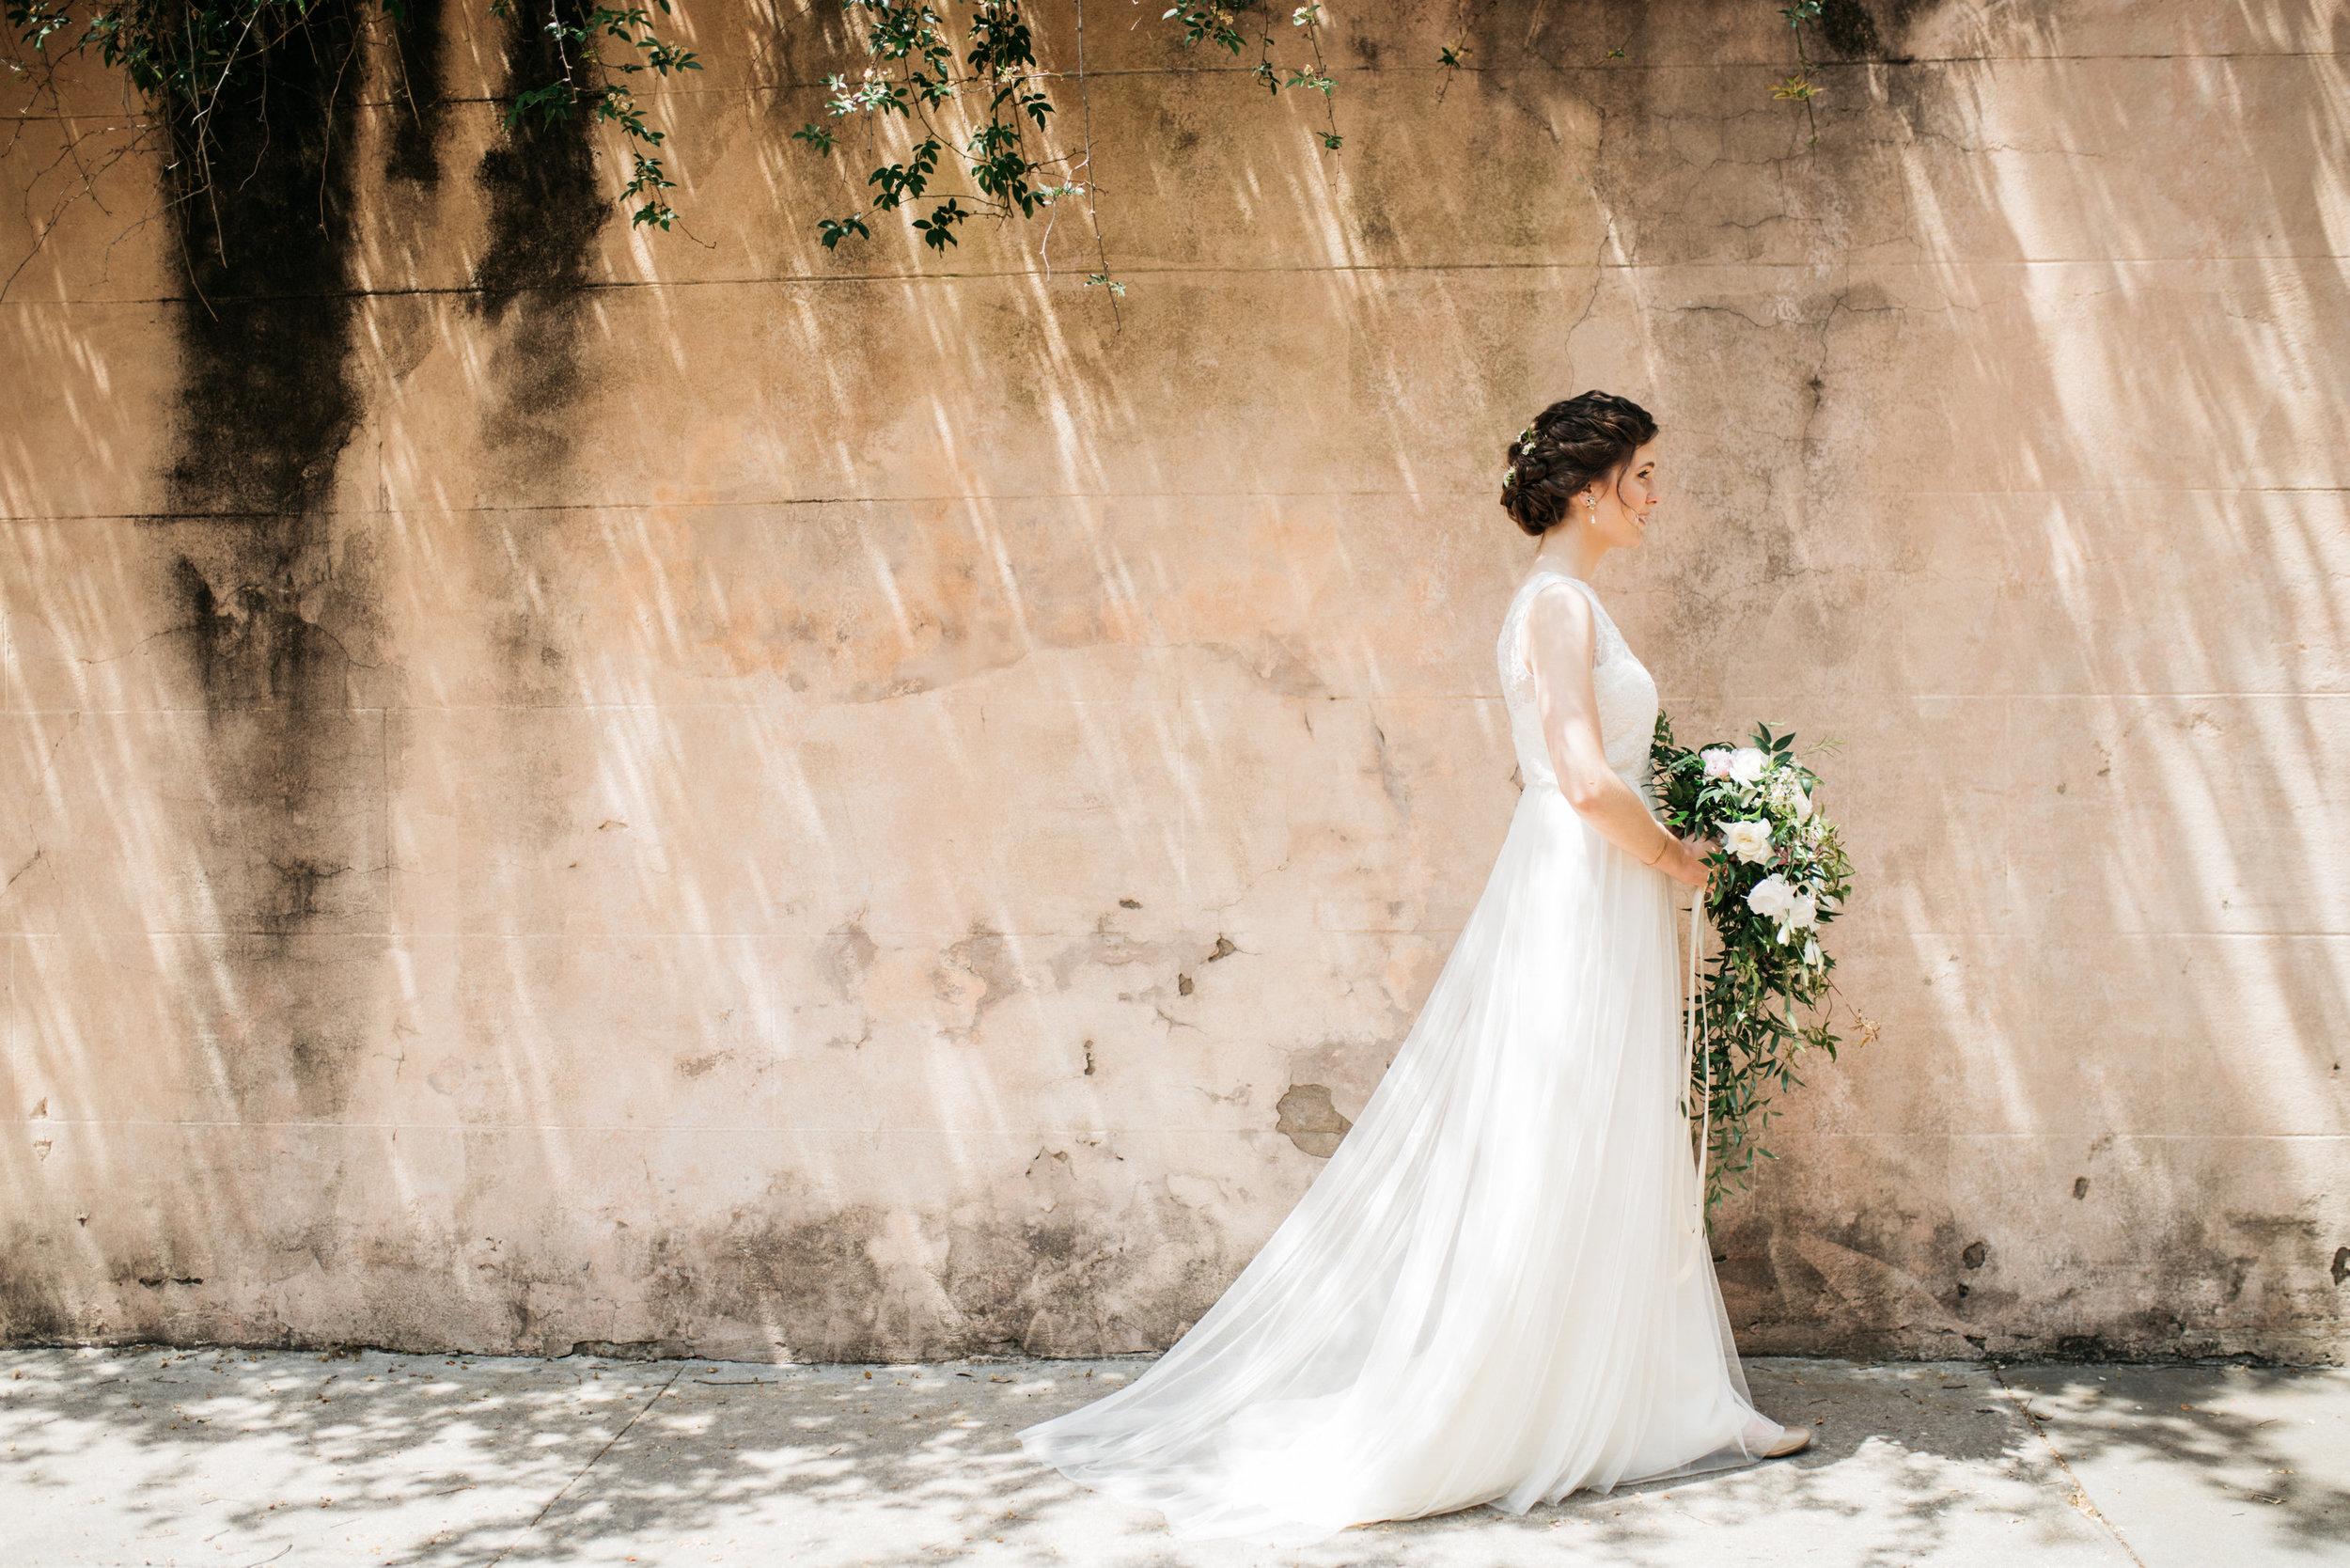 Ashley Gallowary Bridals-ashley gallowary bridals-0040.jpg